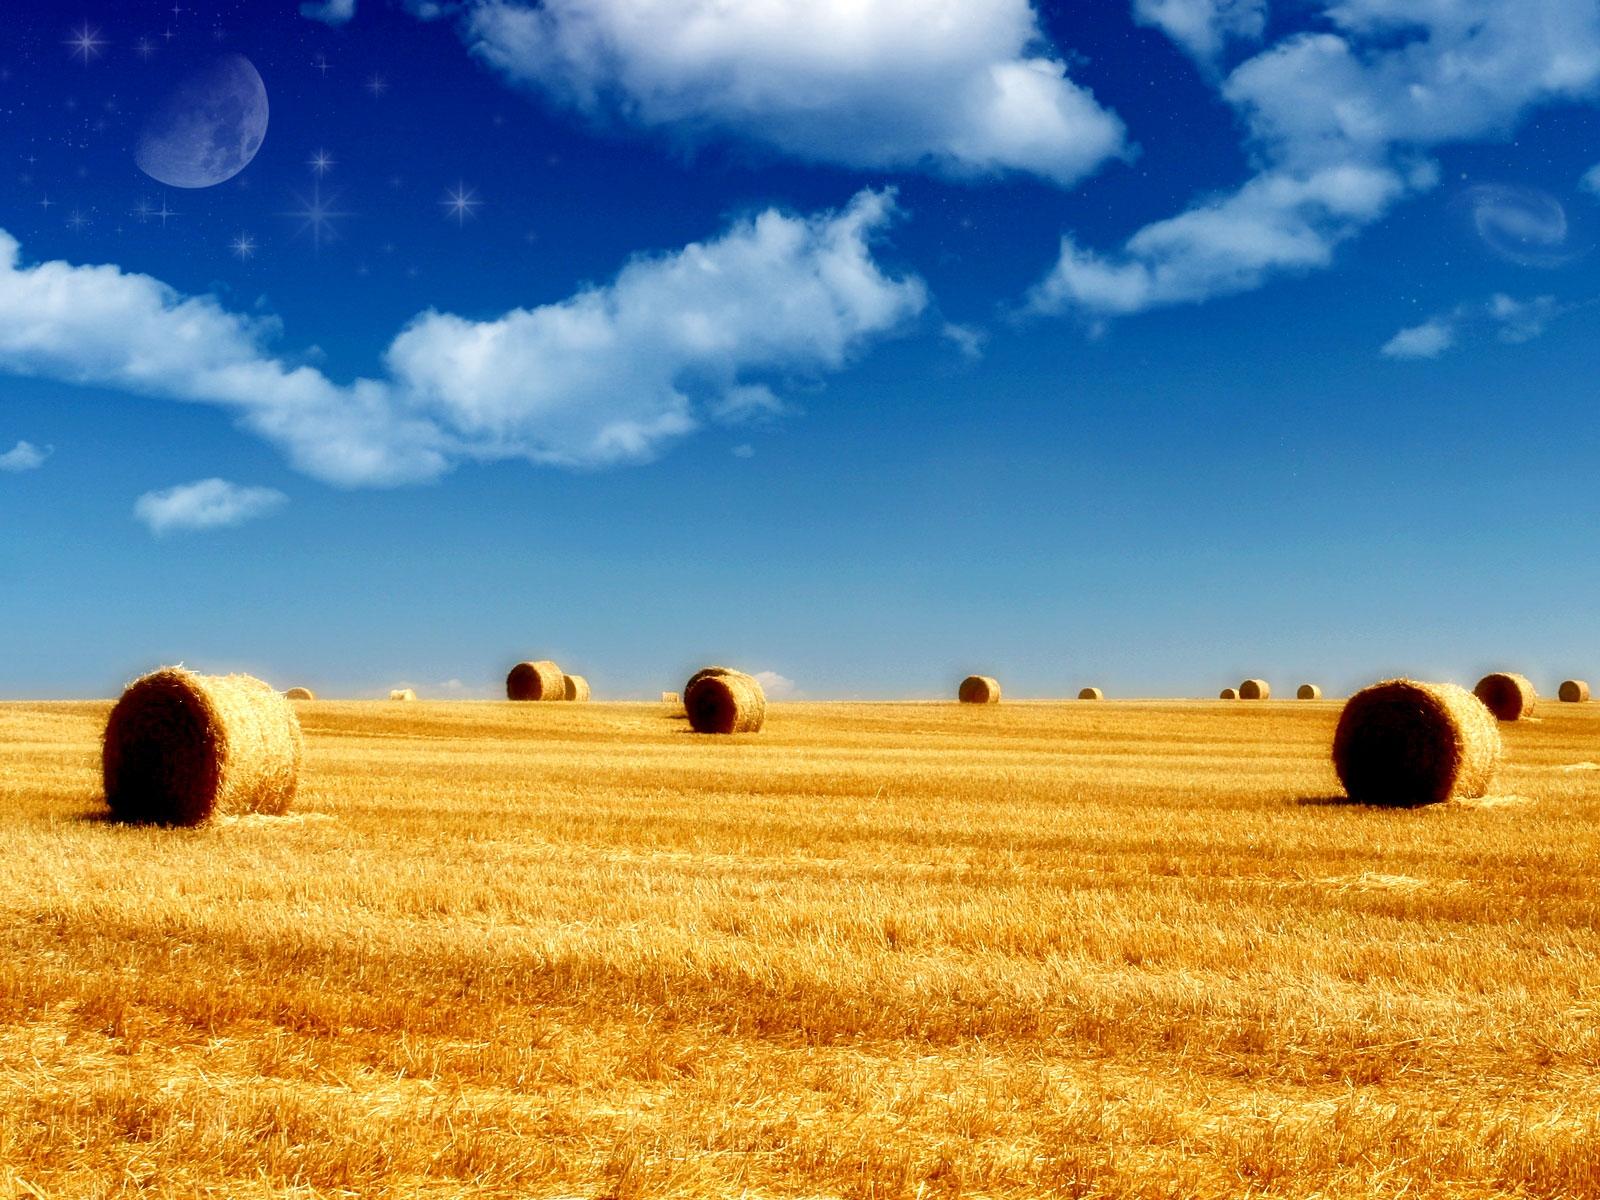 скошенное поле, трава, сено, лето, небо, скачать обои для рабочего стола